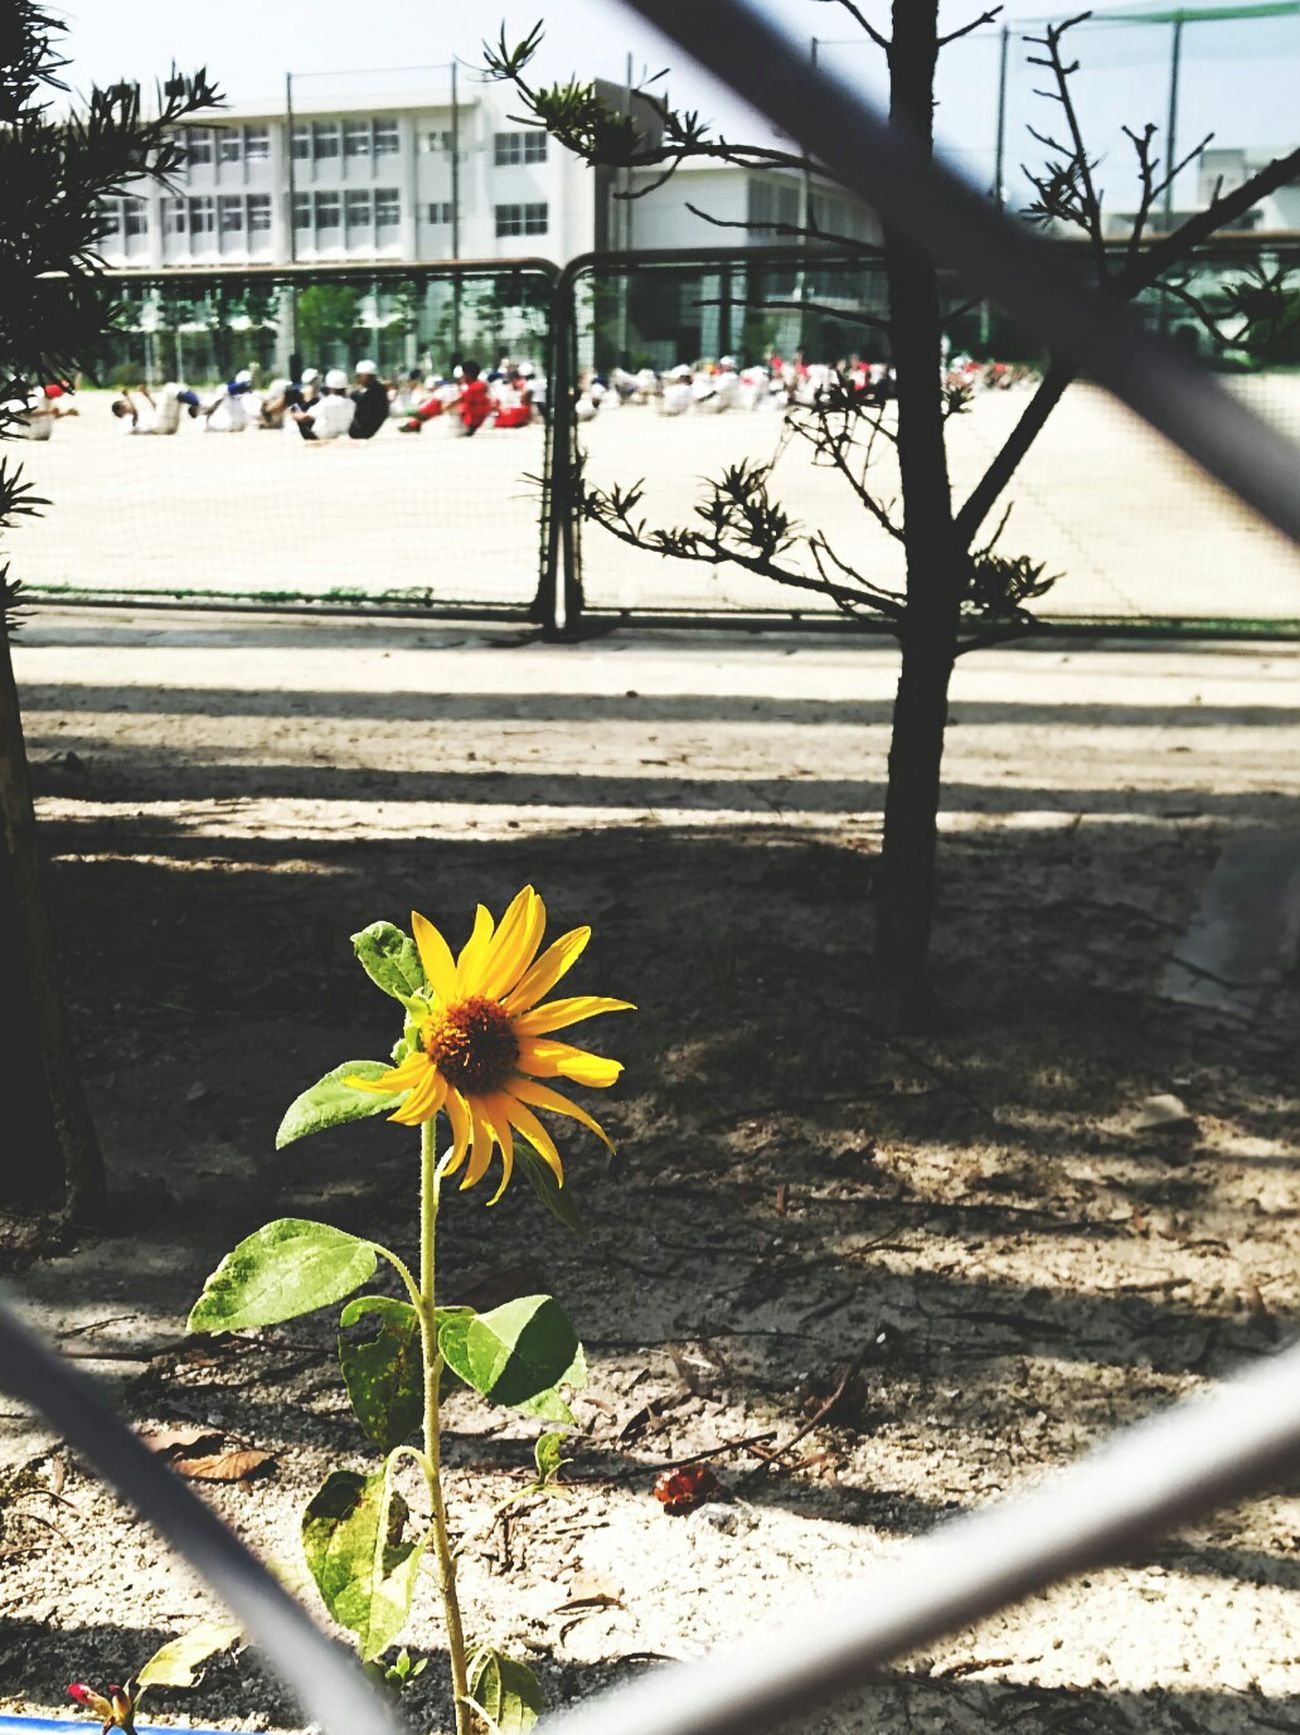 頑張れ高校球児 高校野球 Hot Day School スマホ頑張れ Sunflower Flower フリースタイルで楽しむ写真おばちゃんは熱中症が心配。